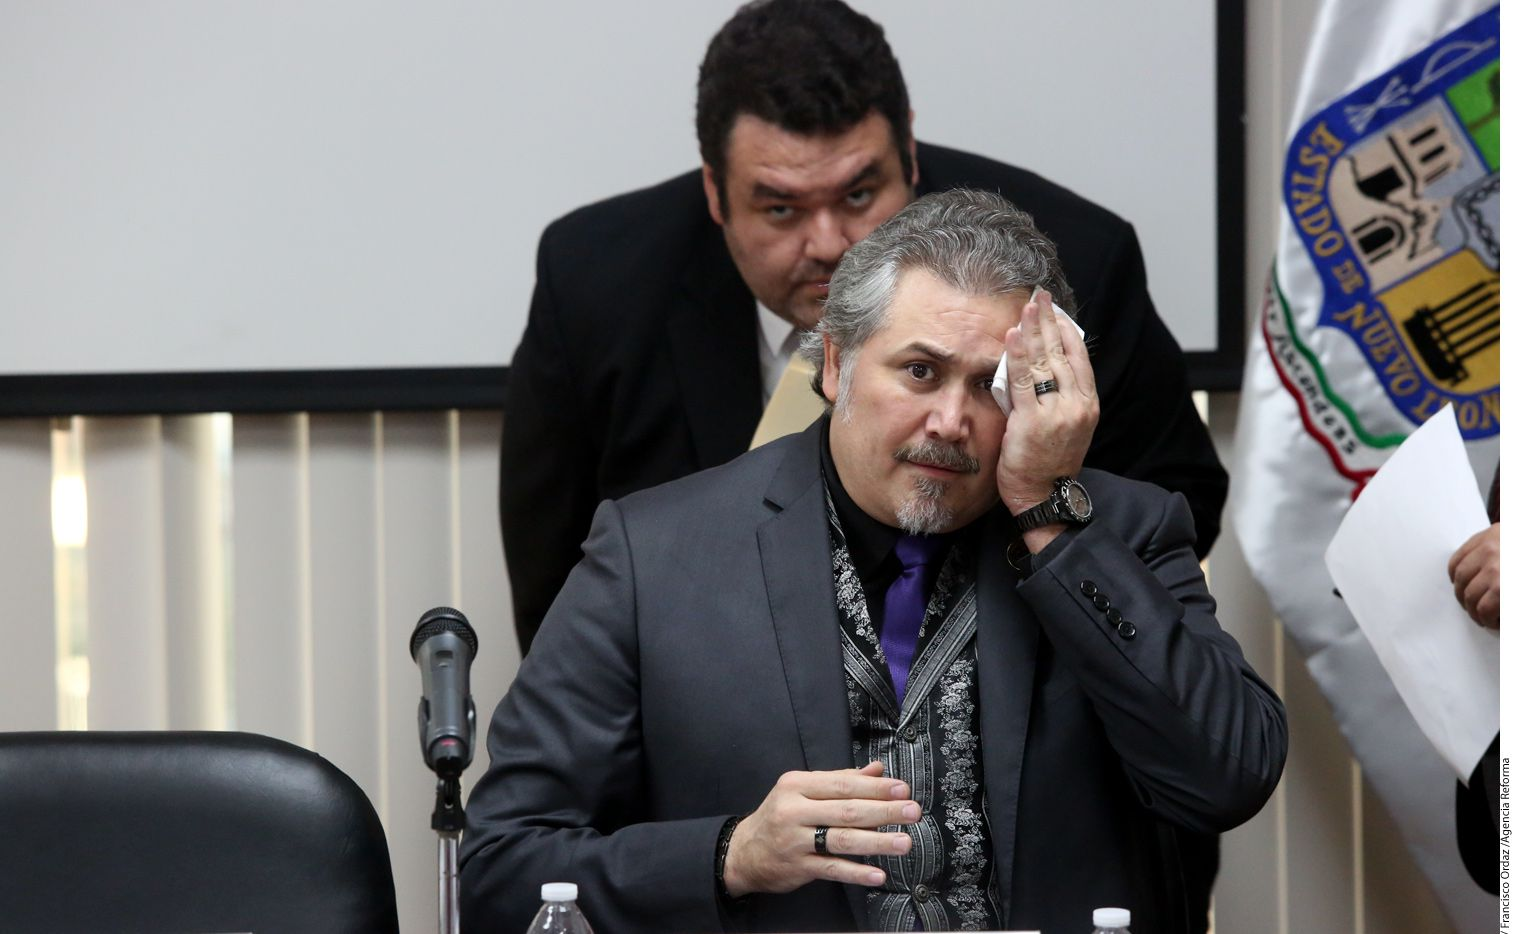 Tras una polémica gestión, Roberto Flores Treviño renuncia hoy a su cargo como Procurador de Justicia del Estado./ AGENCIA REFORMA